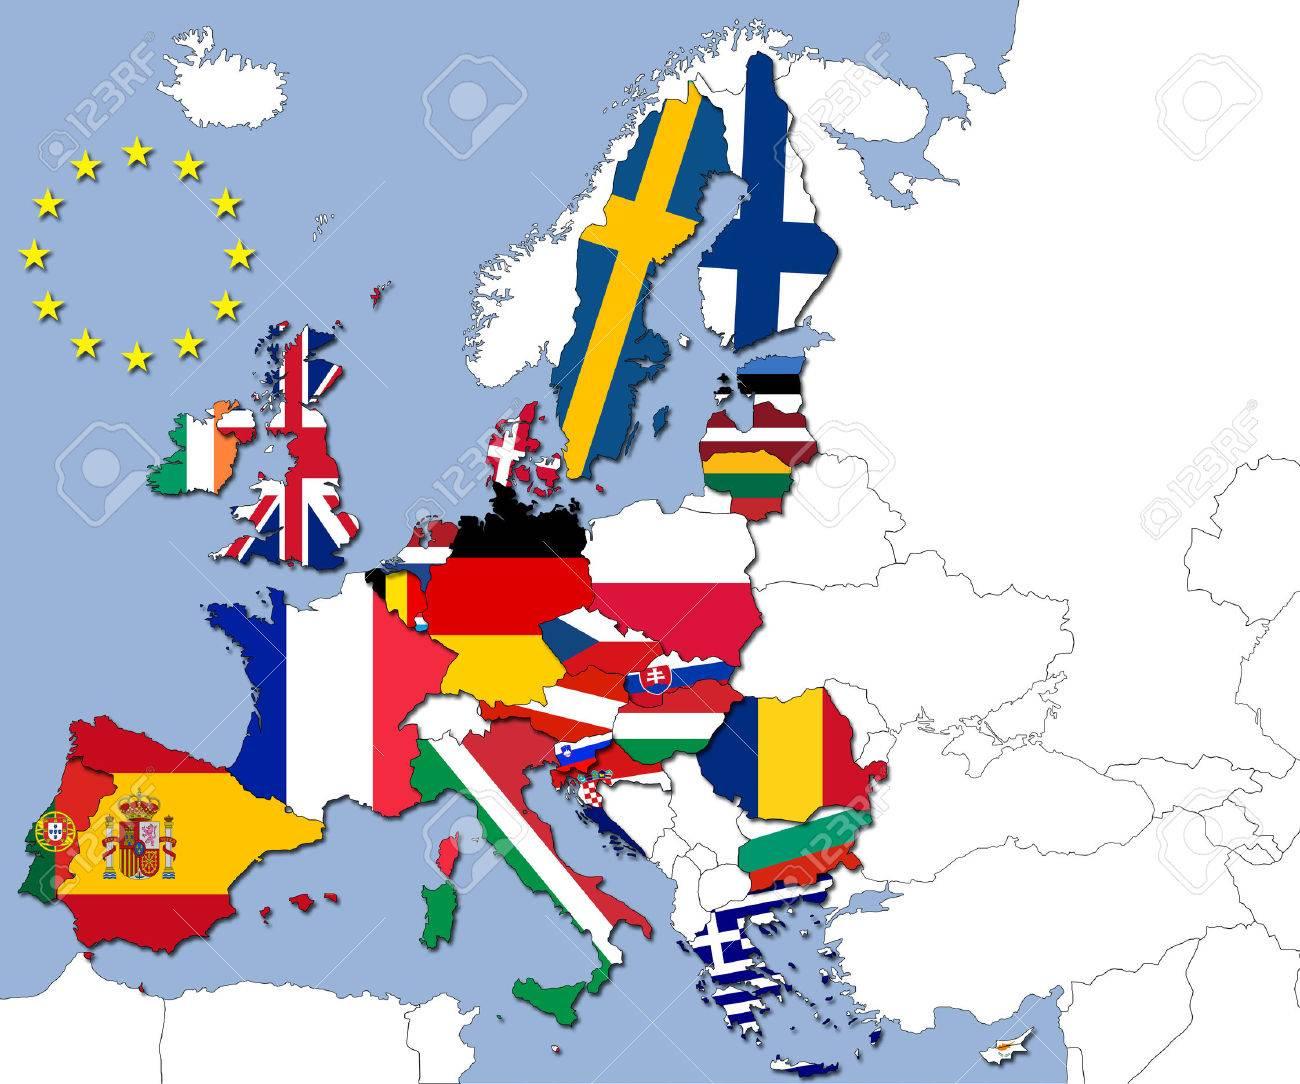 Les 28 Pays De L'union Européenne Et Leurs Drapeaux destiné Carte Union Européenne 28 Pays